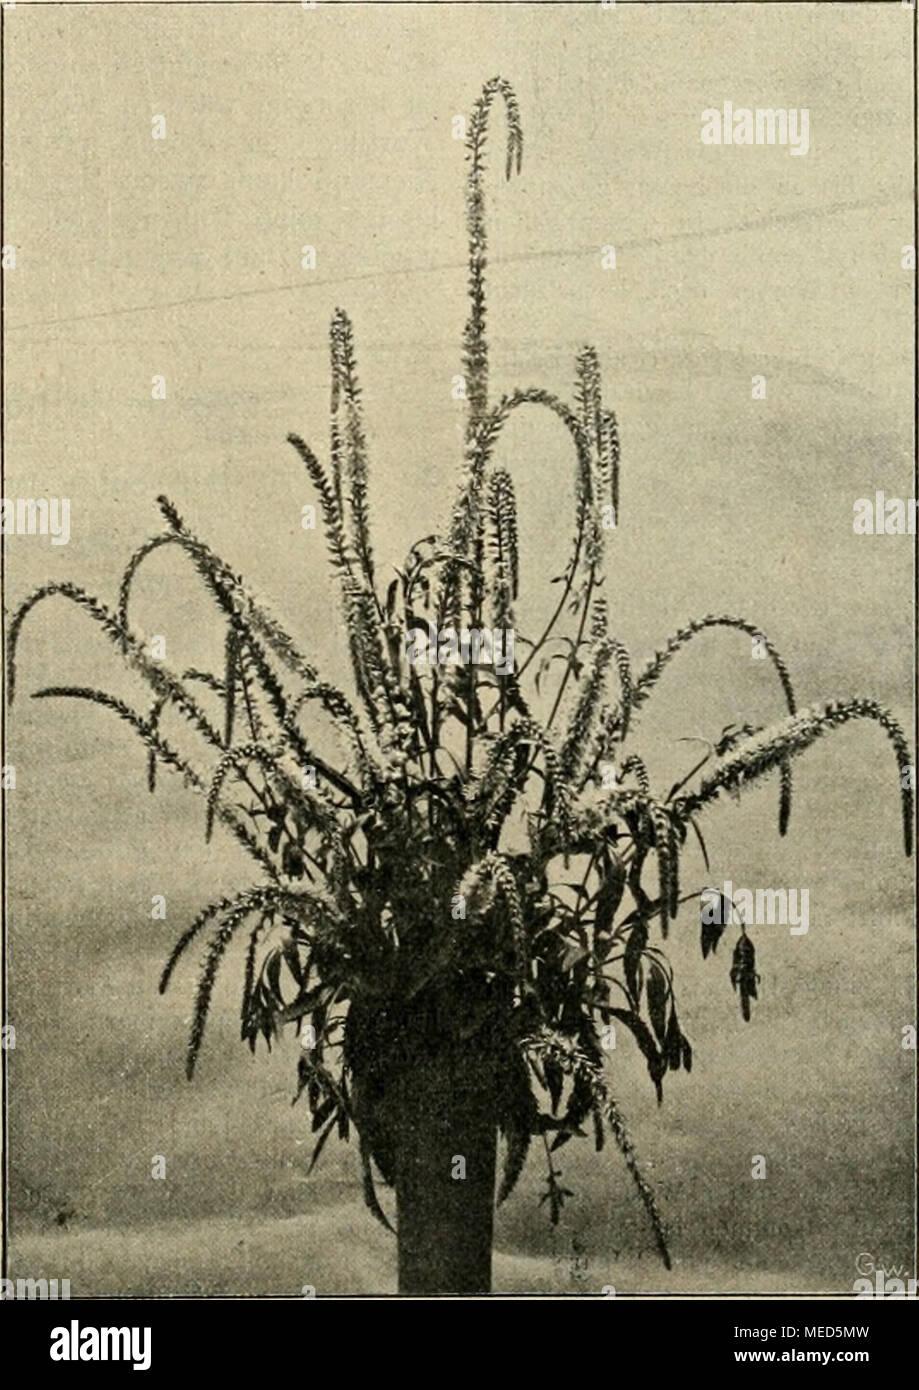 Die Gartenwelt . Einen Beträchtlichen Grad Von Trockenheit Vertragen.  Jedoch Wenn Wir Den Pflanzen .